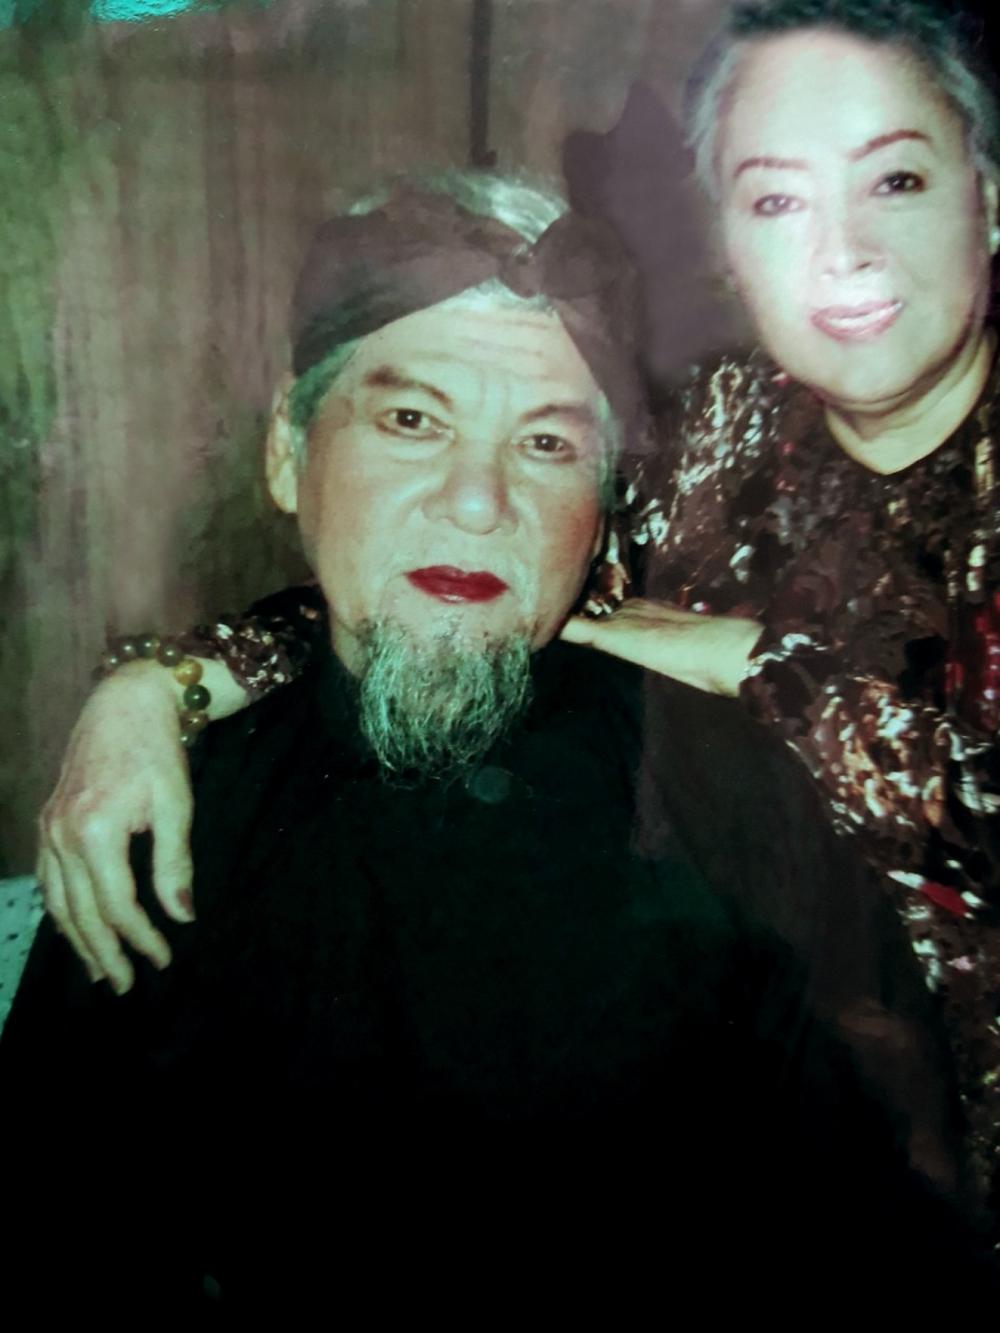 Nghệ sĩ Quốc Nhĩ vai cụ Đô Trinh trong vở Tiếng trống Mê Linh diễn vào dịp kỷ niệm 64 năm đoàn Thanh Minh - Thanh Nga, bên cạnh là NSƯT Thanh Nguyệt